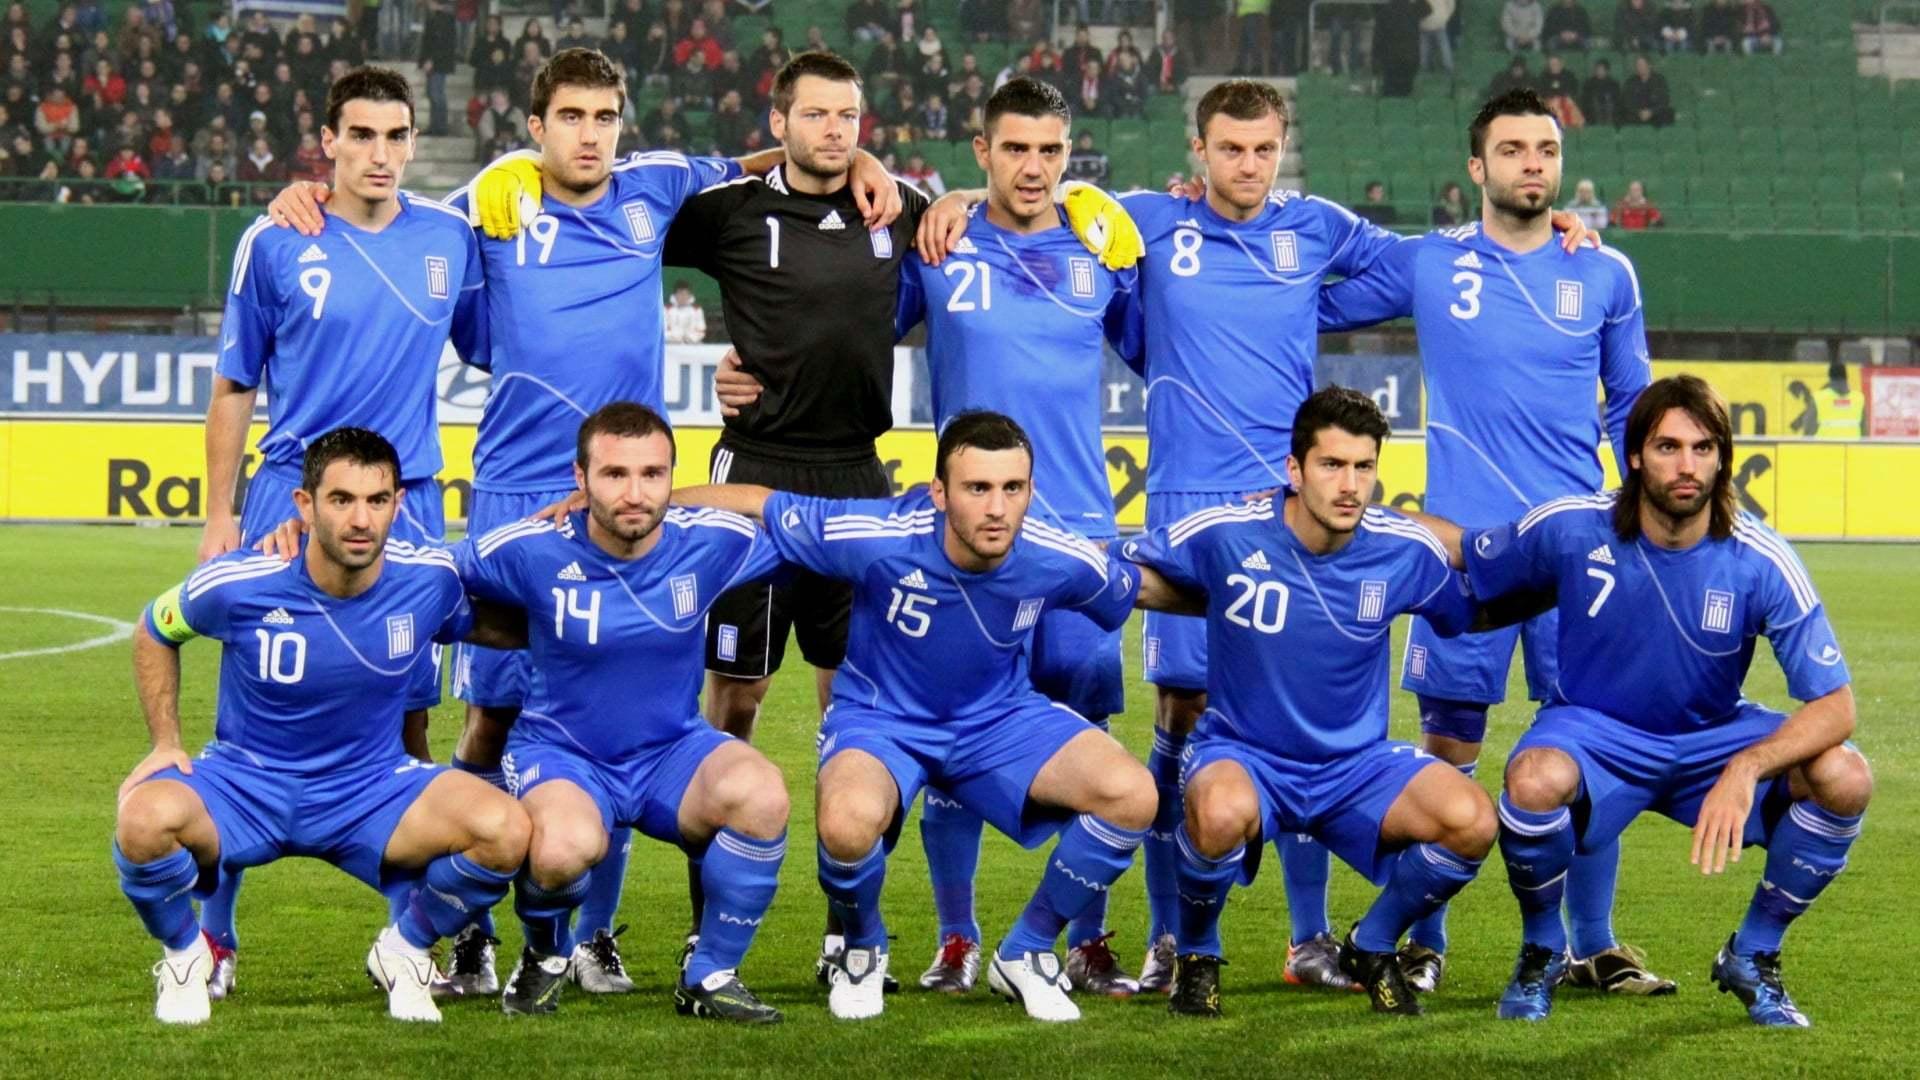 HD Futbol Takımı Resimleri